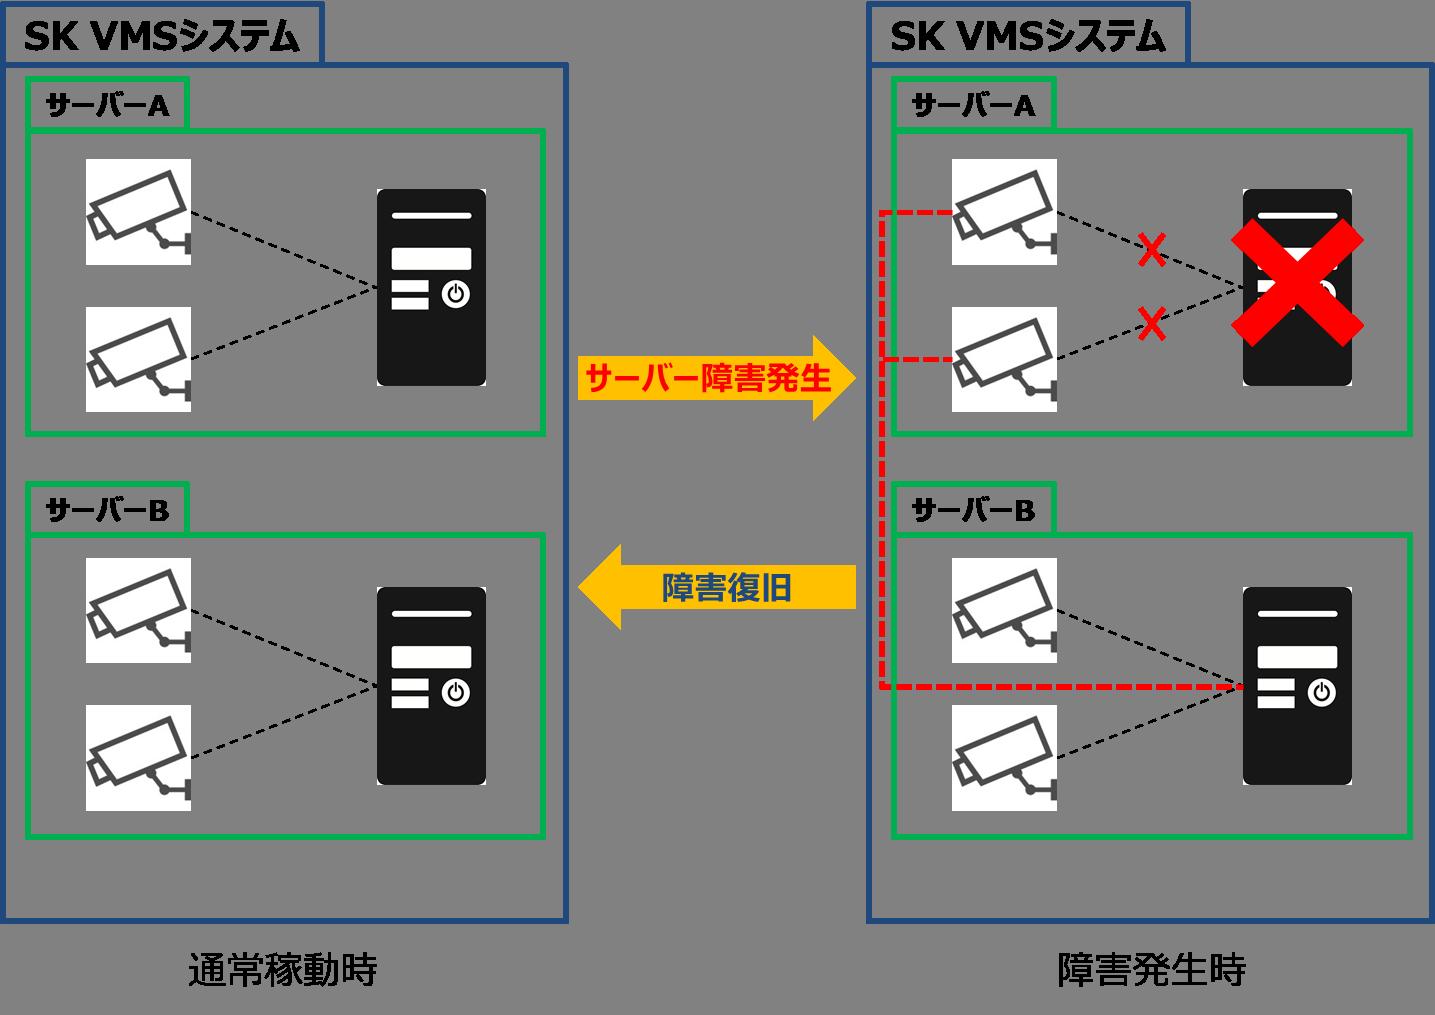 統合によるシステムの容易な拡張